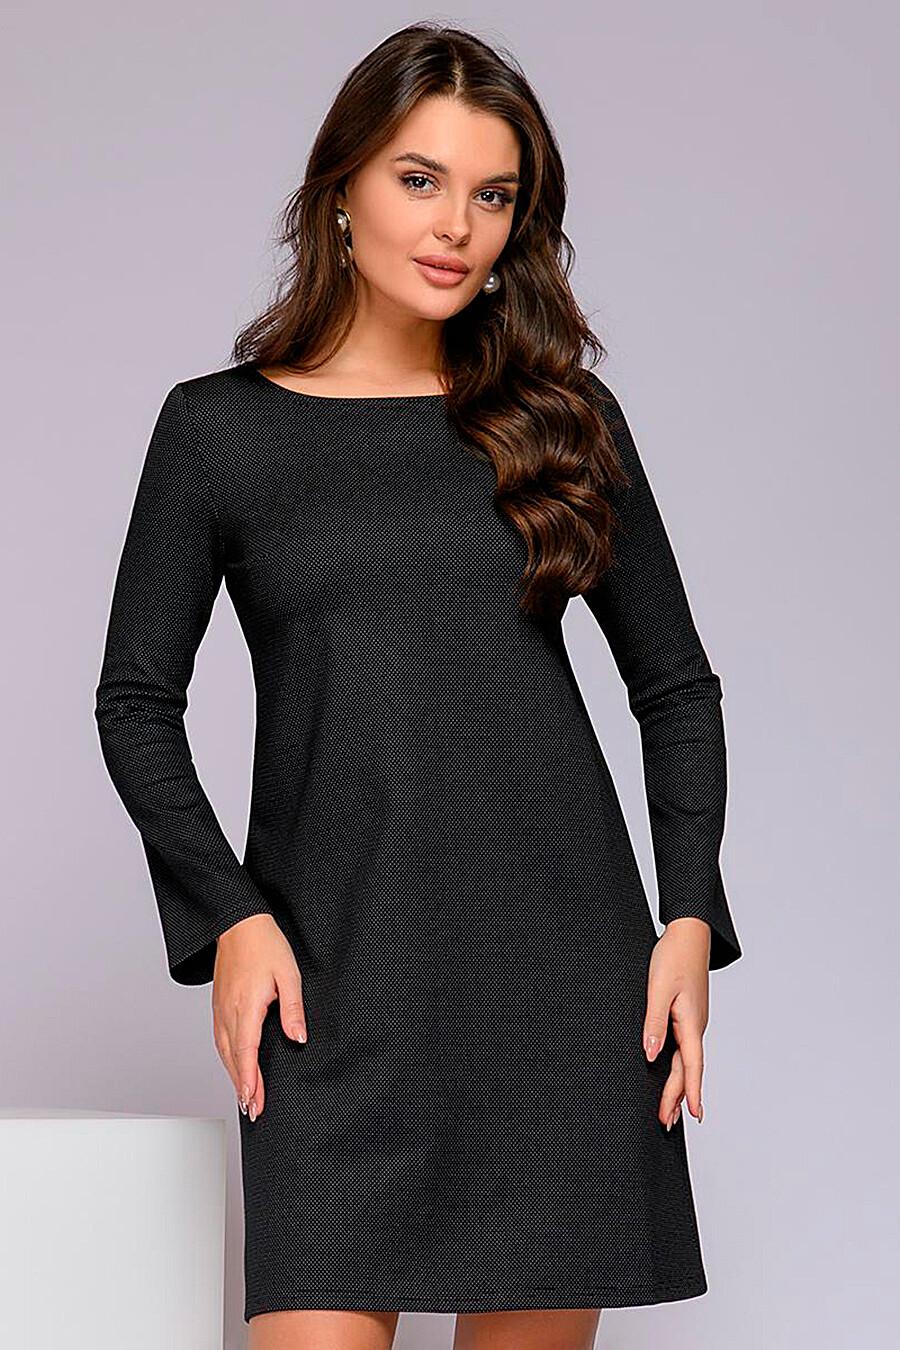 Платье для женщин 1001 DRESS 272982 купить оптом от производителя. Совместная покупка женской одежды в OptMoyo